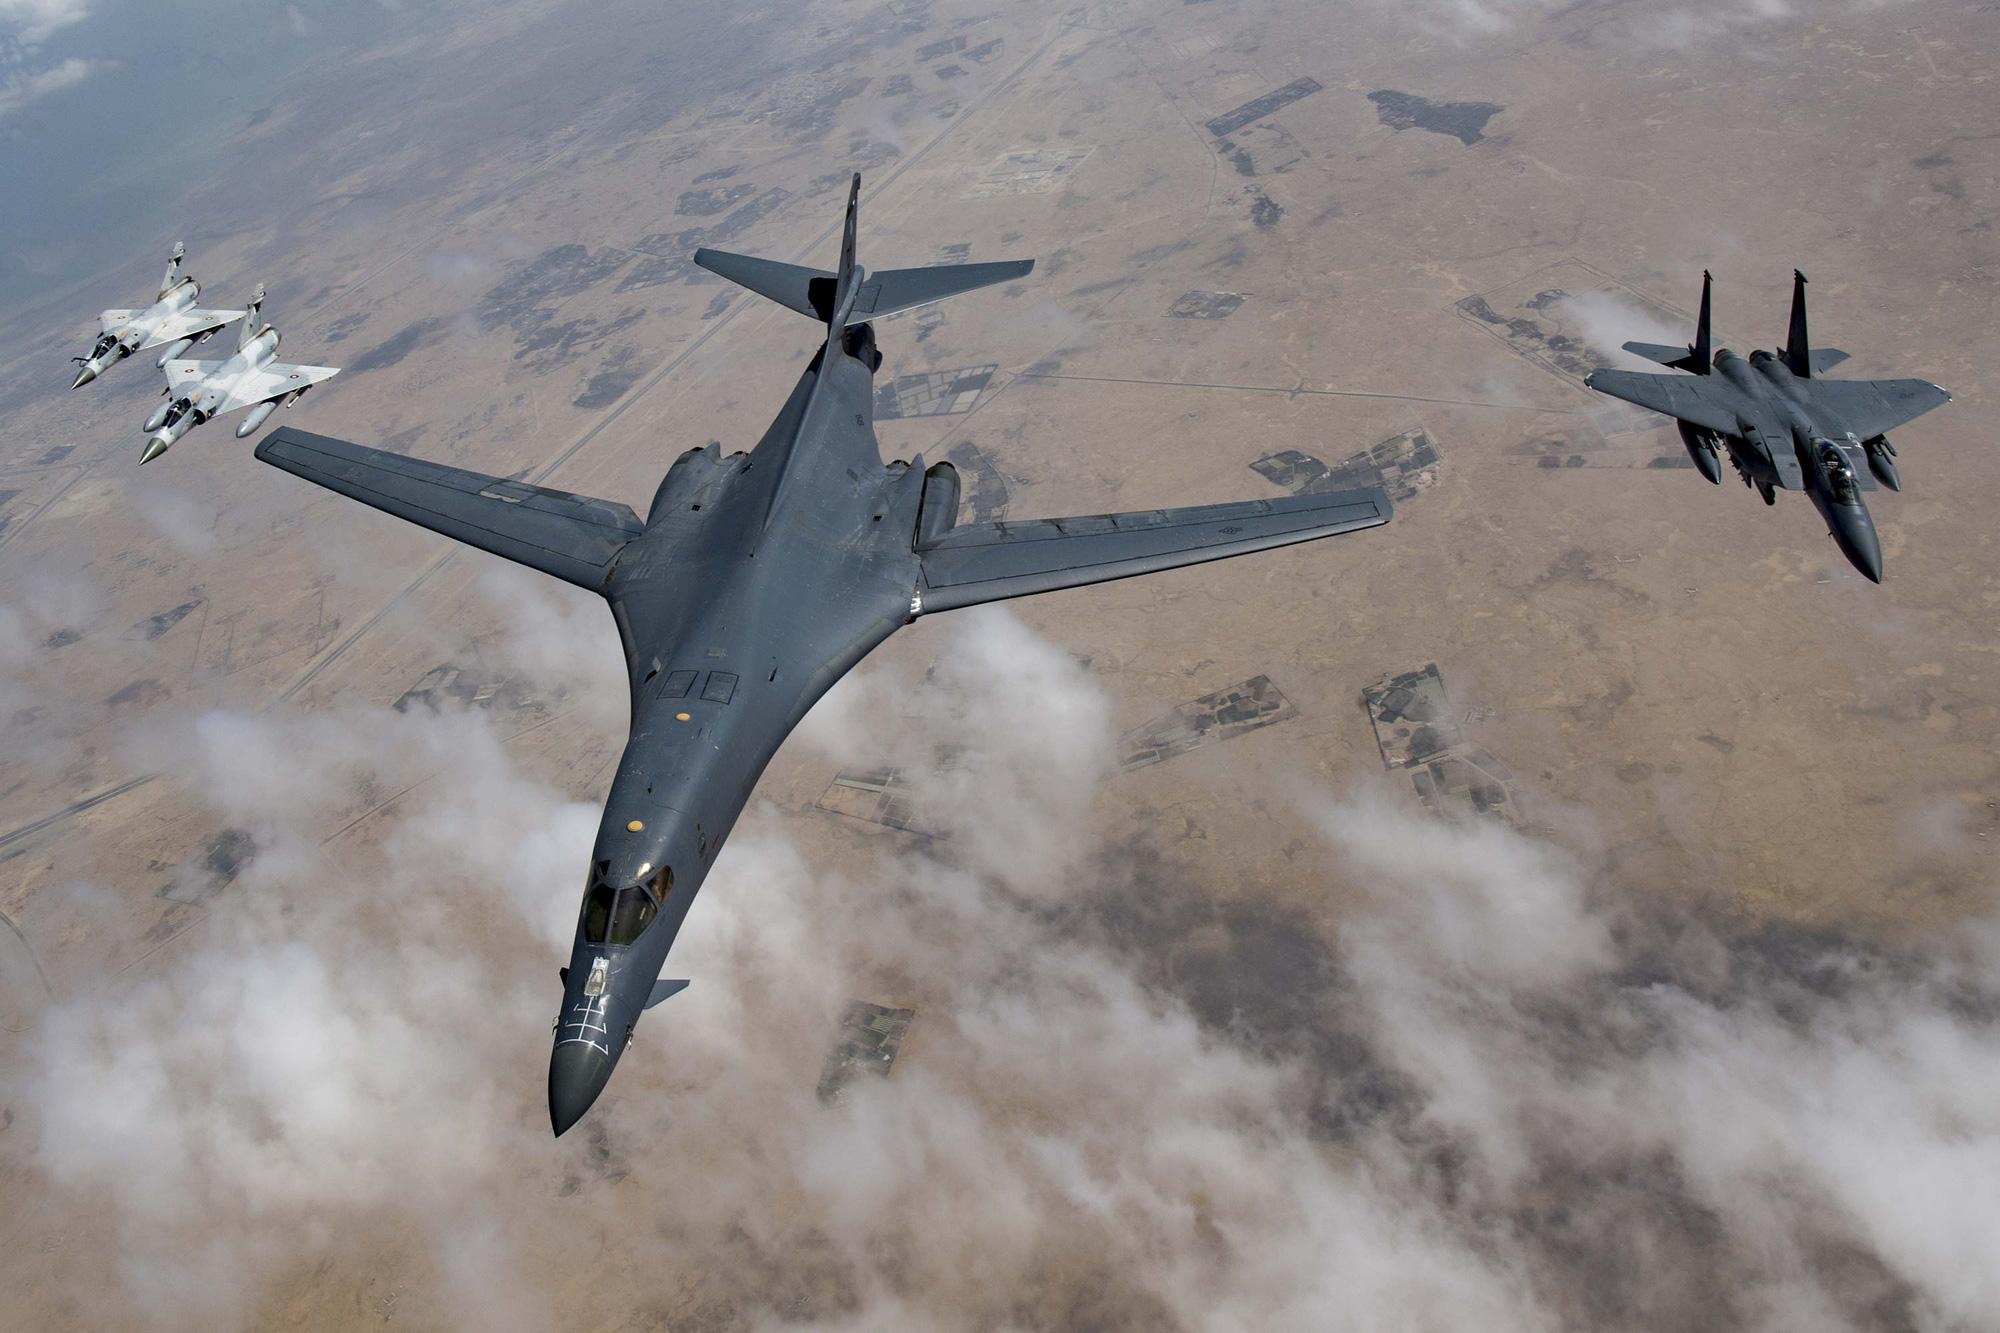 """Tiết lộ âm mưu của quân đội Mỹ nhằm """"gây áp lực"""" với Nga - Ảnh 1."""